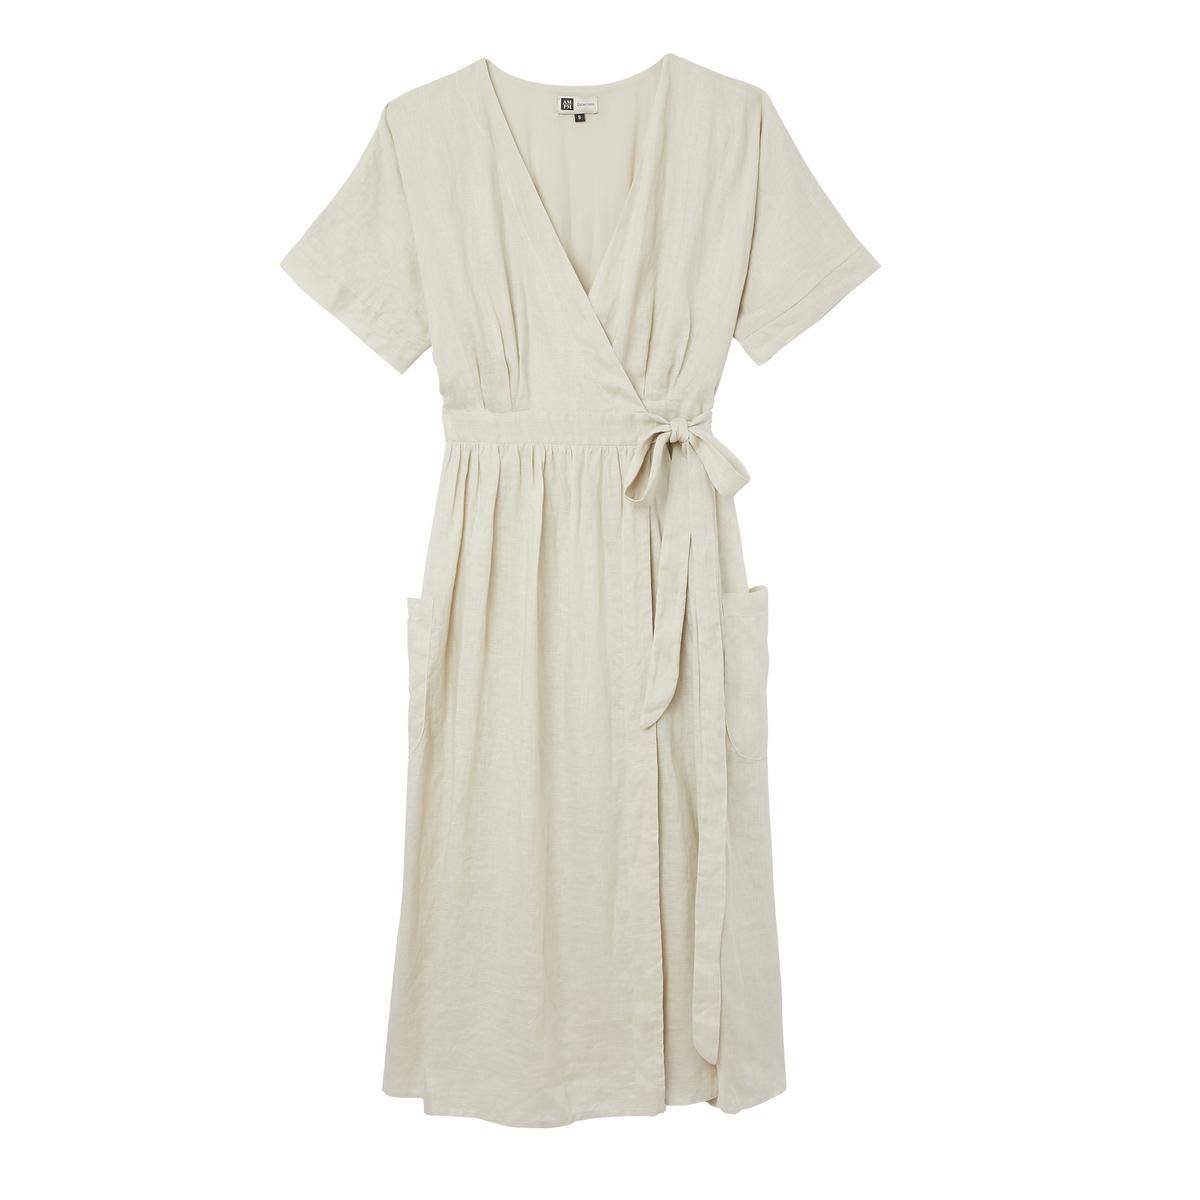 Платье La Redoute Домашнее льняное Bianca S бежевый женское платье sv005485 s m l